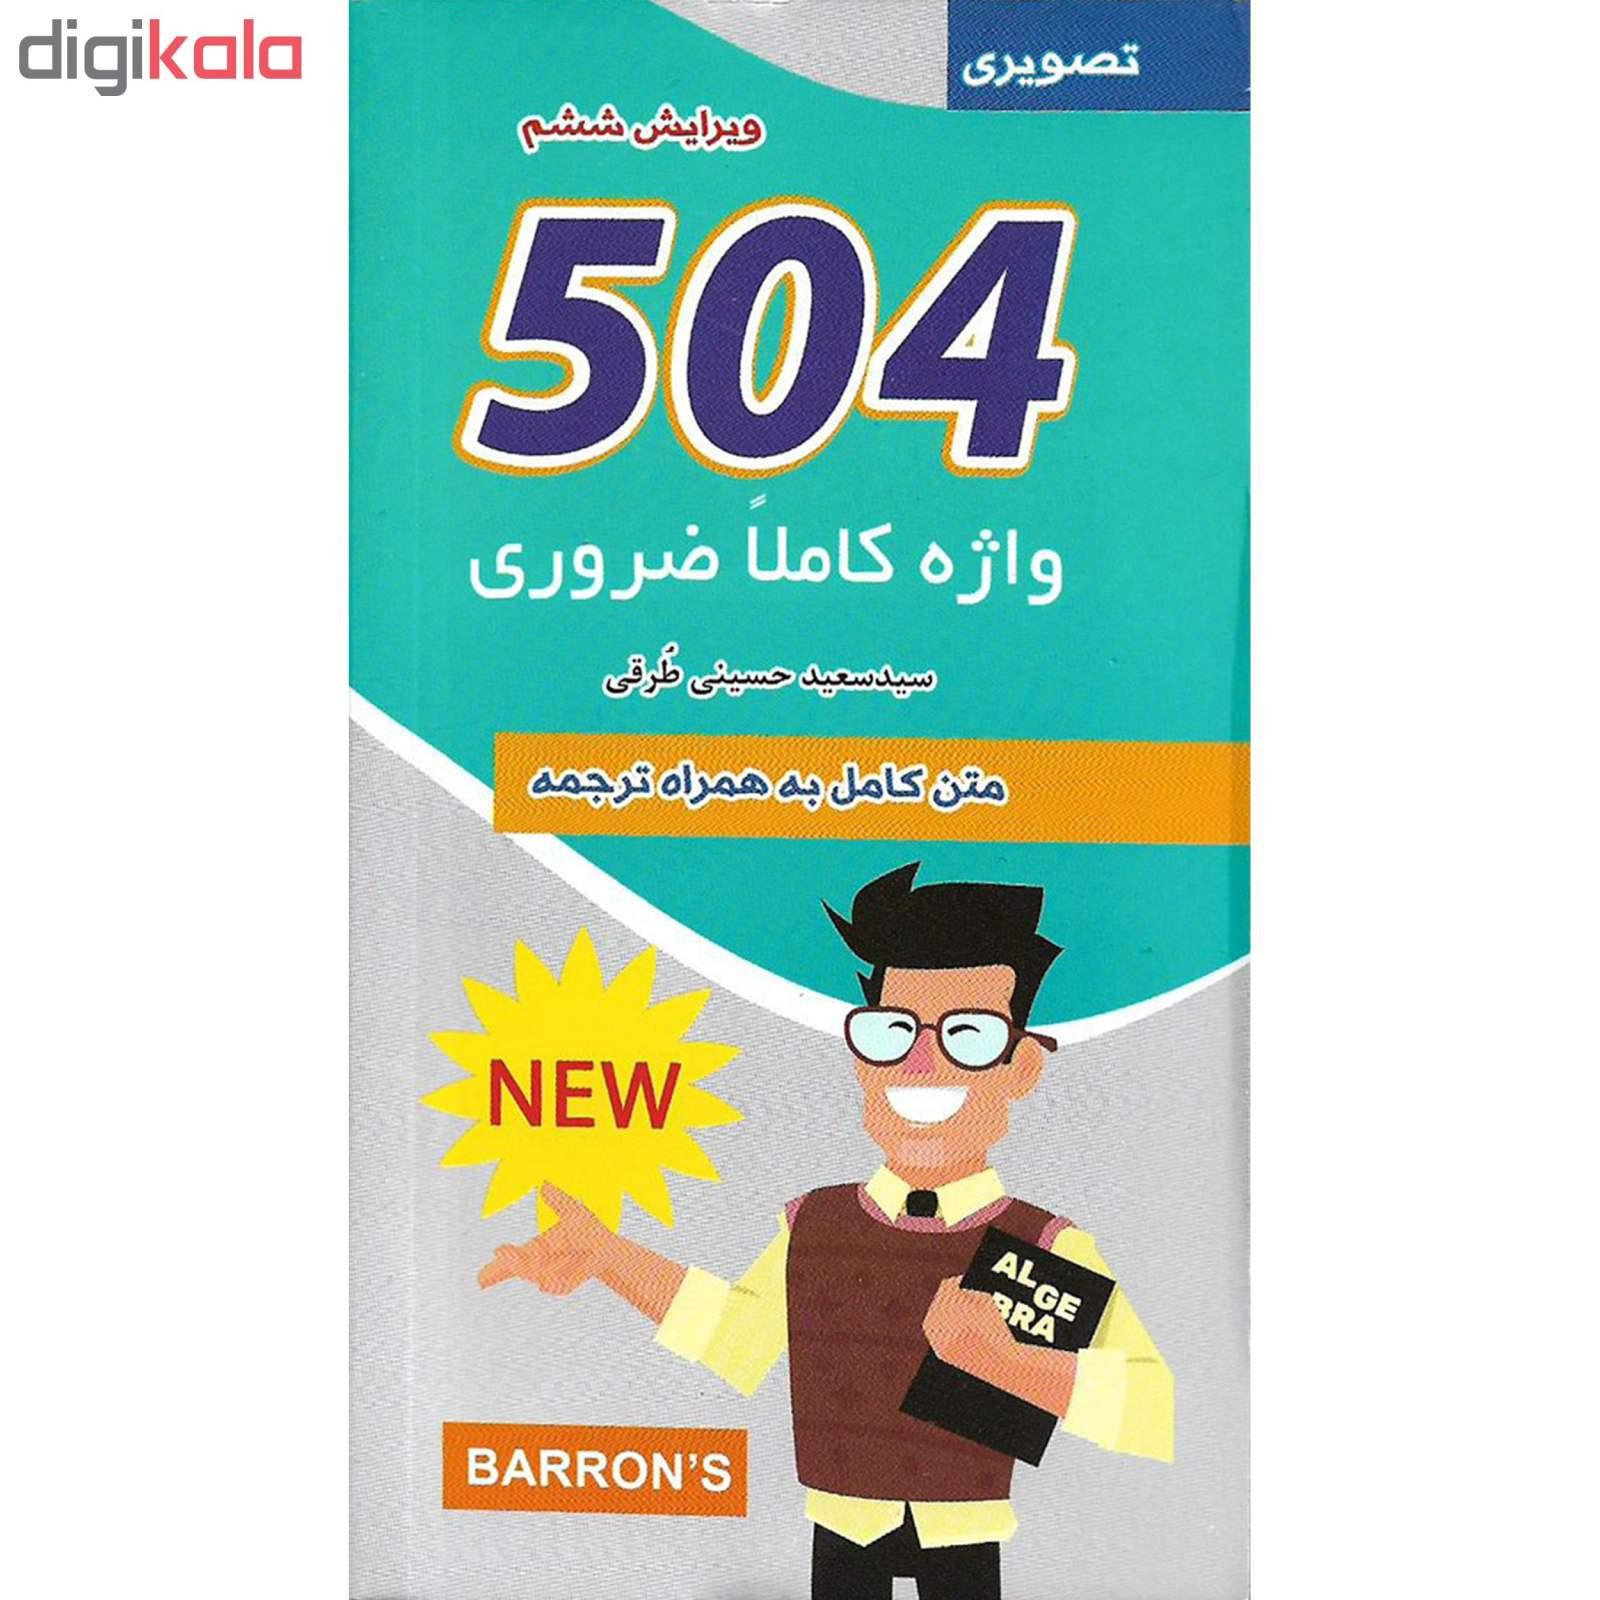 کتاب 504 واژه کاملا ضروری اثر جمعی از نویسندگان نشر علم و دانش main 1 1